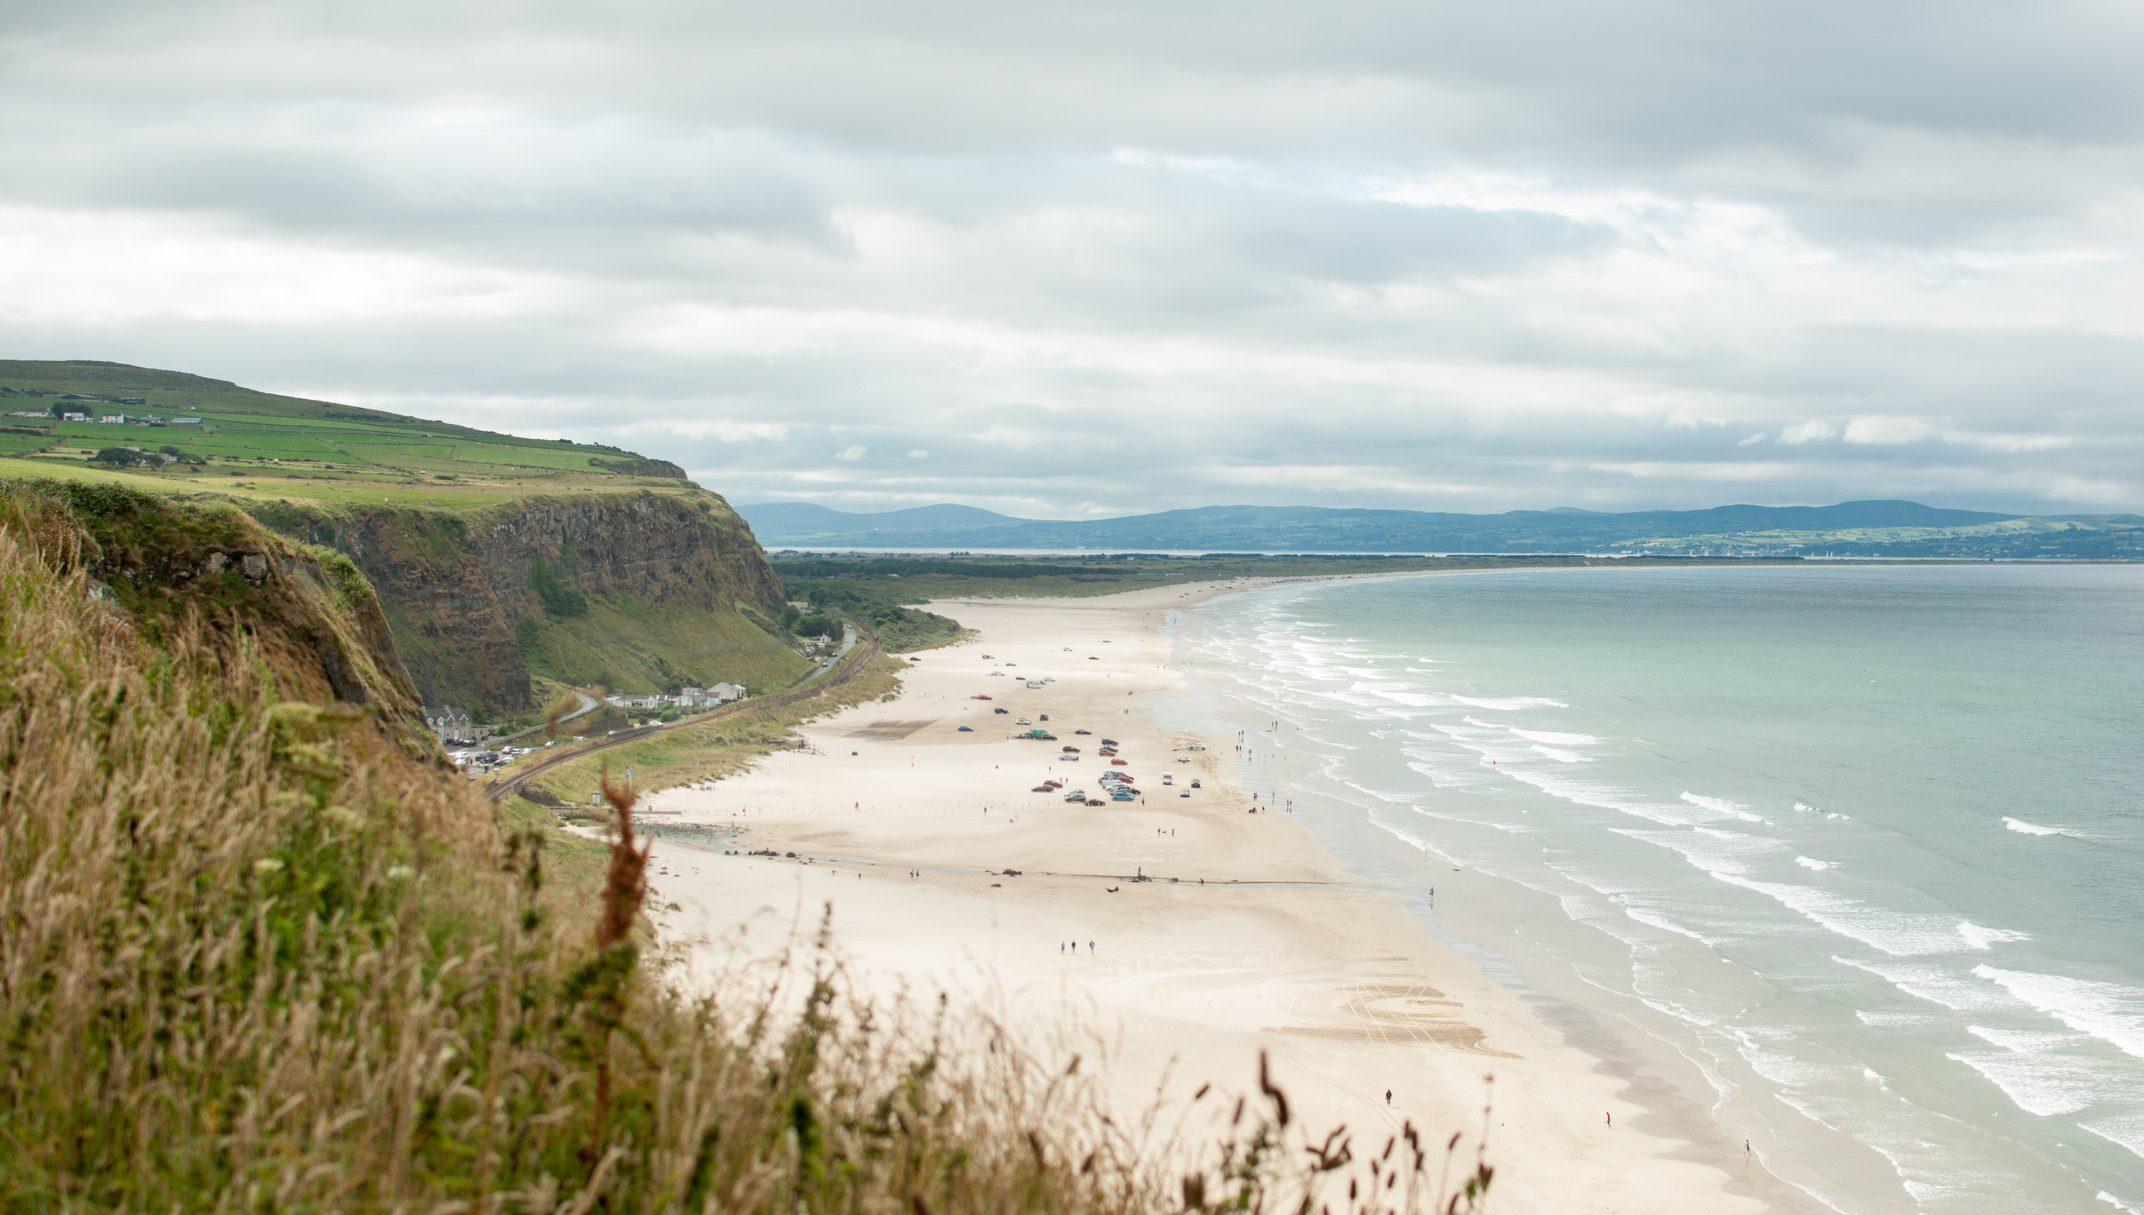 Irlandia Północna – to musisz zobaczyć